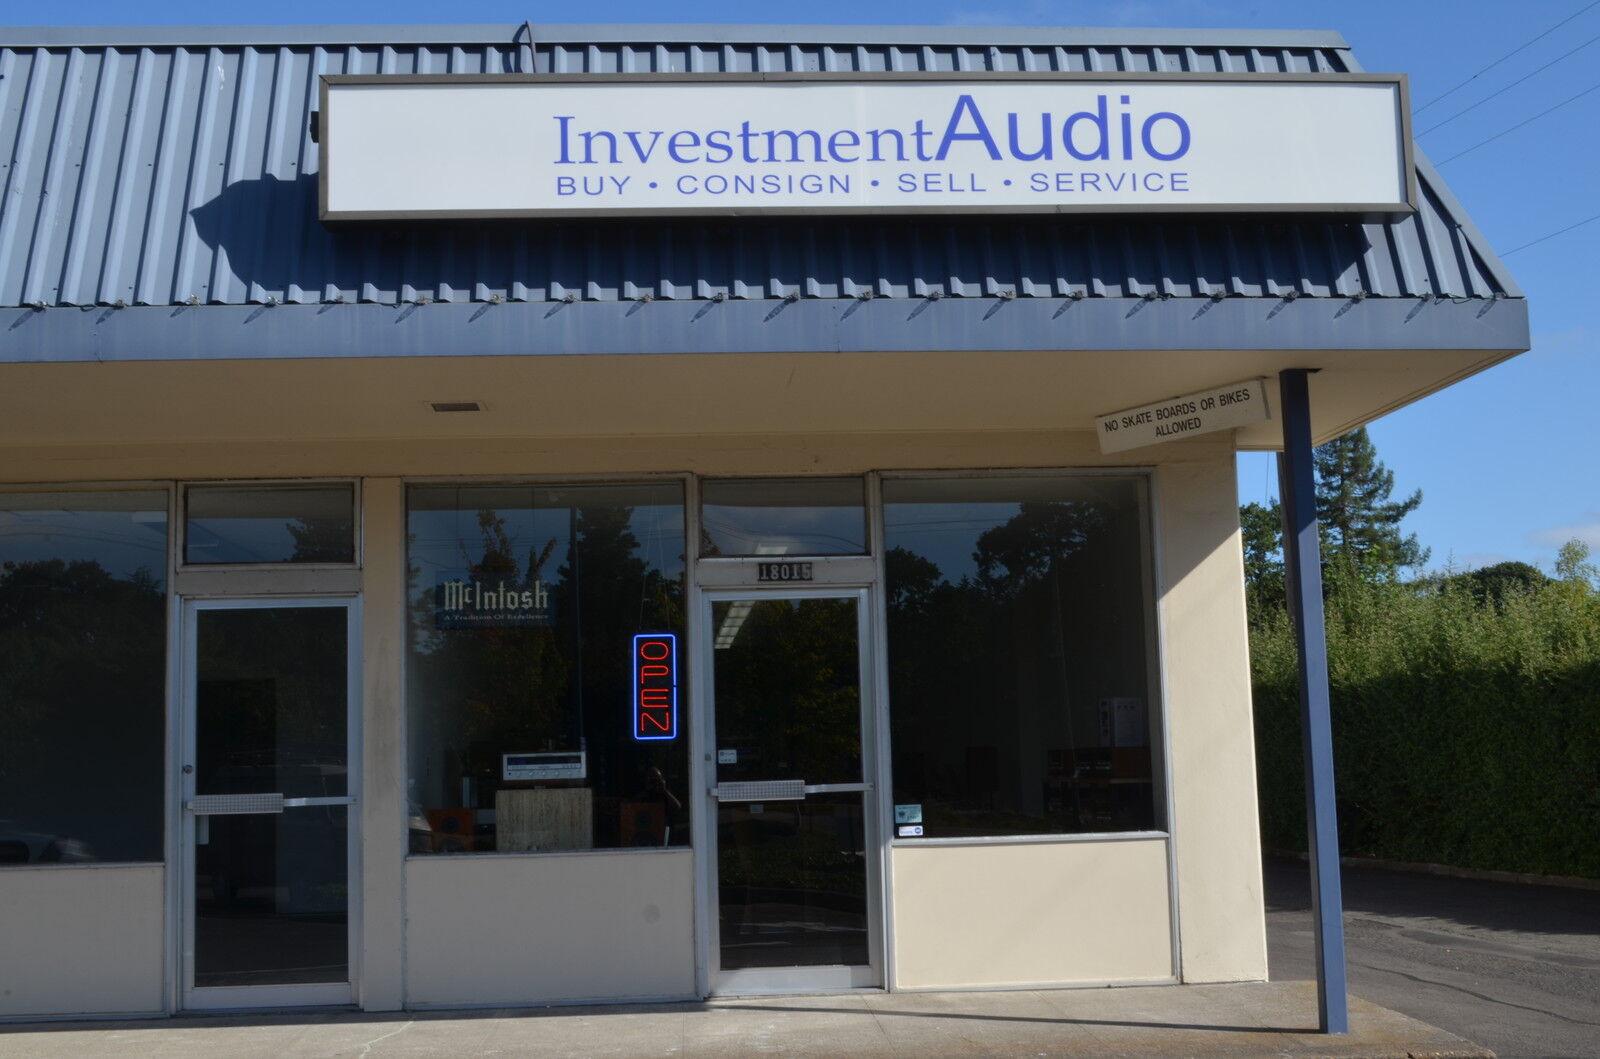 InvestmentAudio